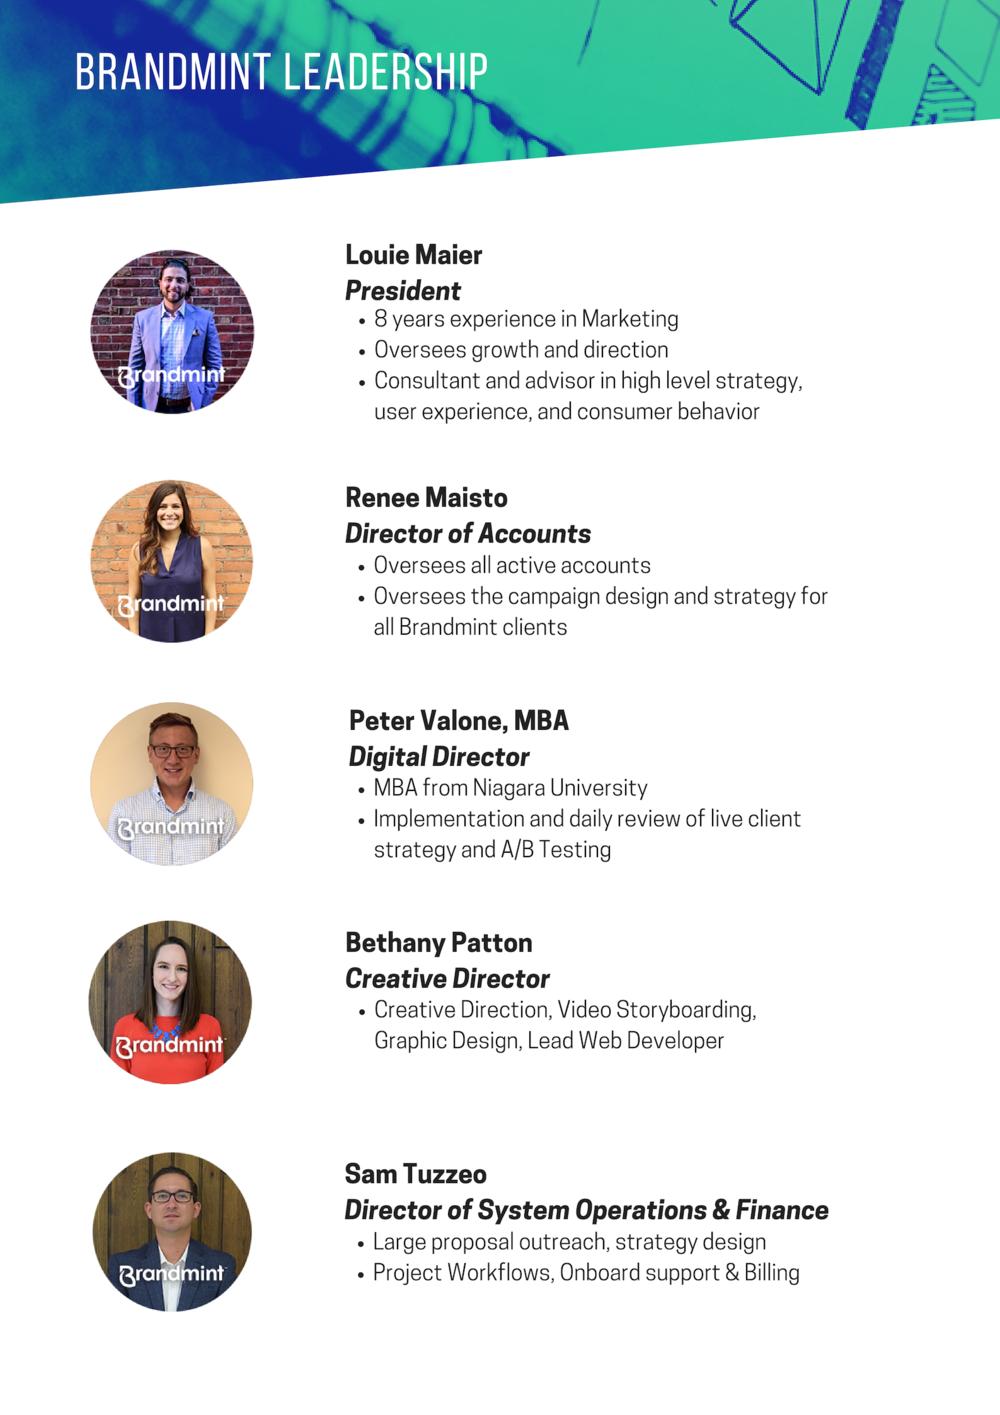 Meet the team - Leadership